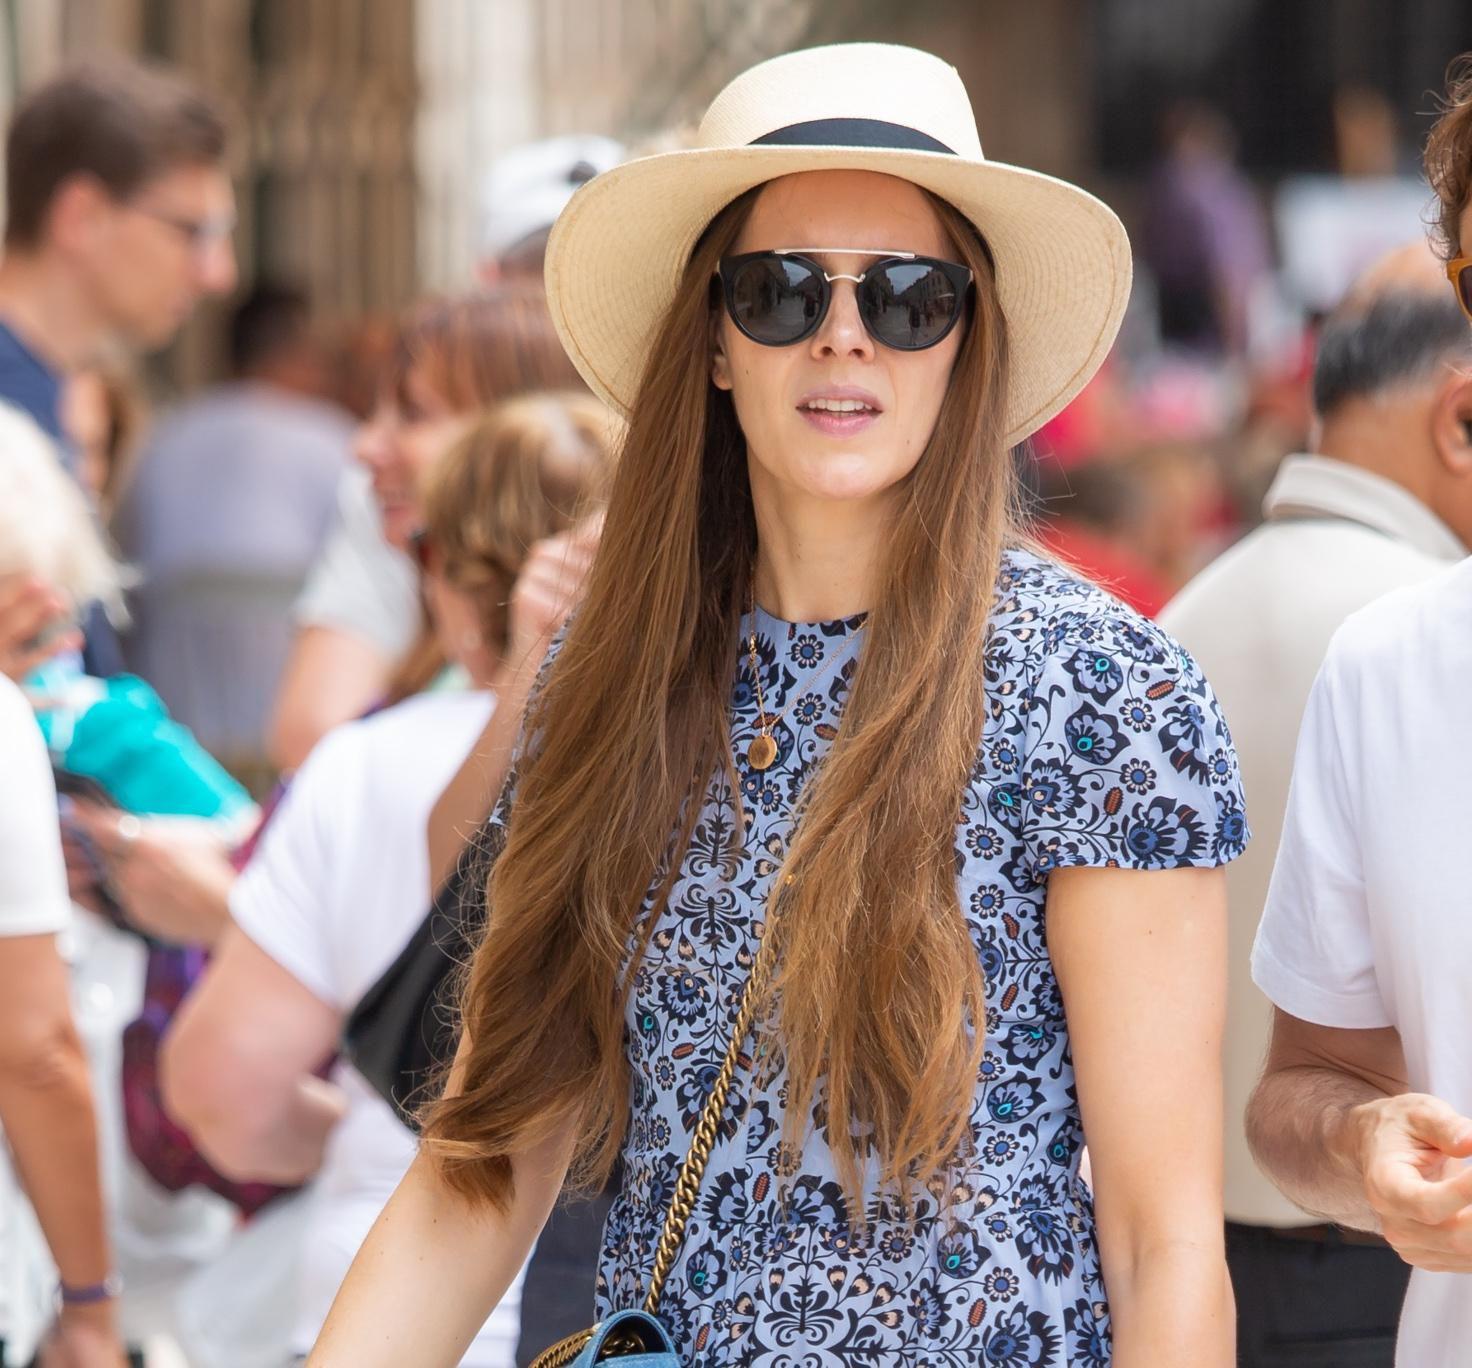 Dubrovačka ljepotica pokazala kako izgleda savršen ljetni styling koji želimo kopirati